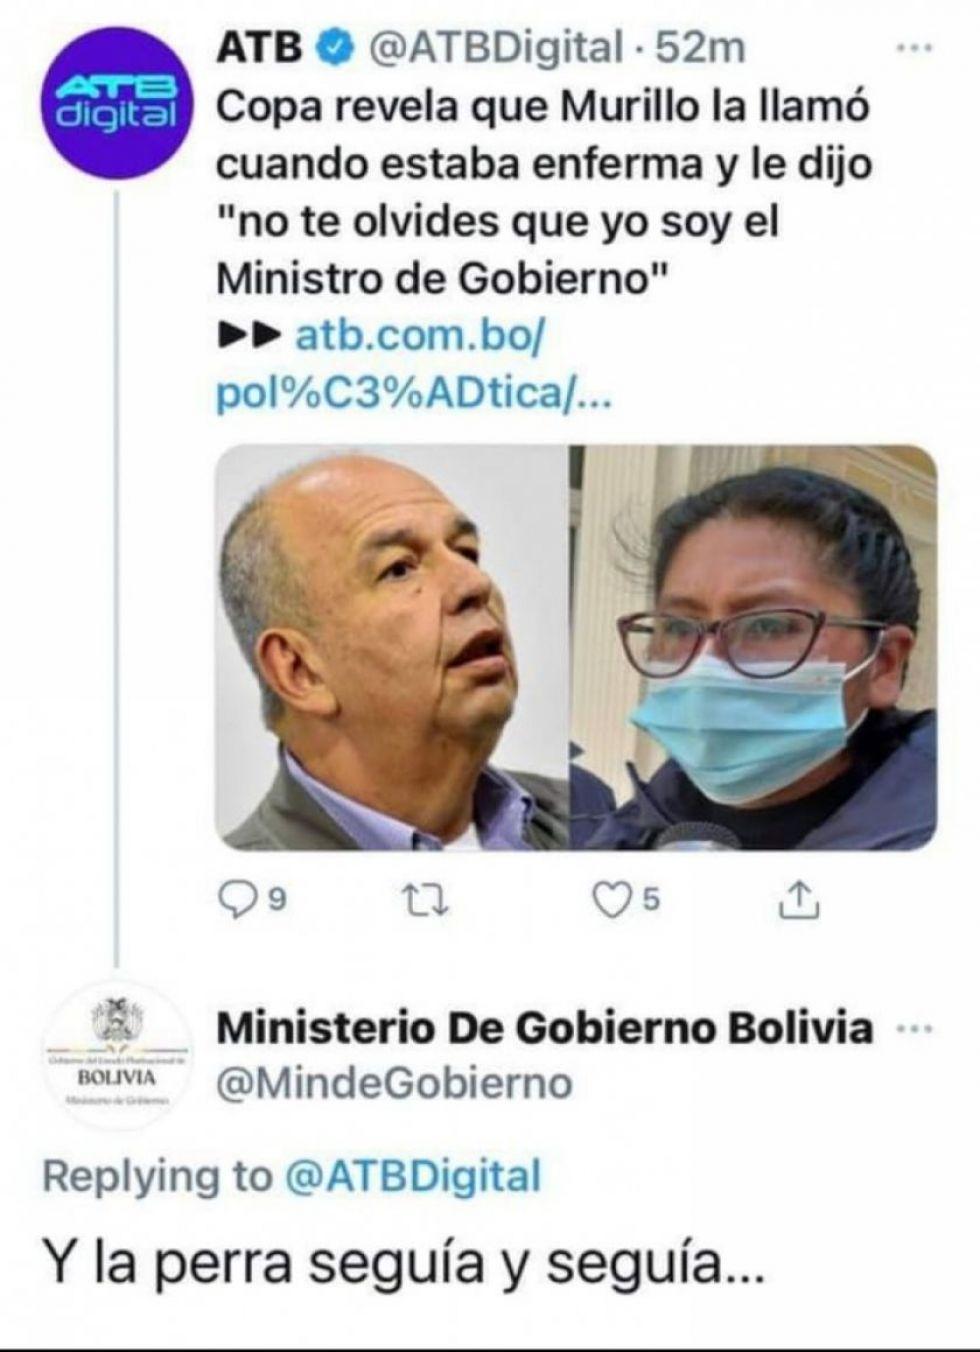 Vergonzosa respuesta de cuenta de Twitter del Ministerio de Gobierno a noticia sobre Copa